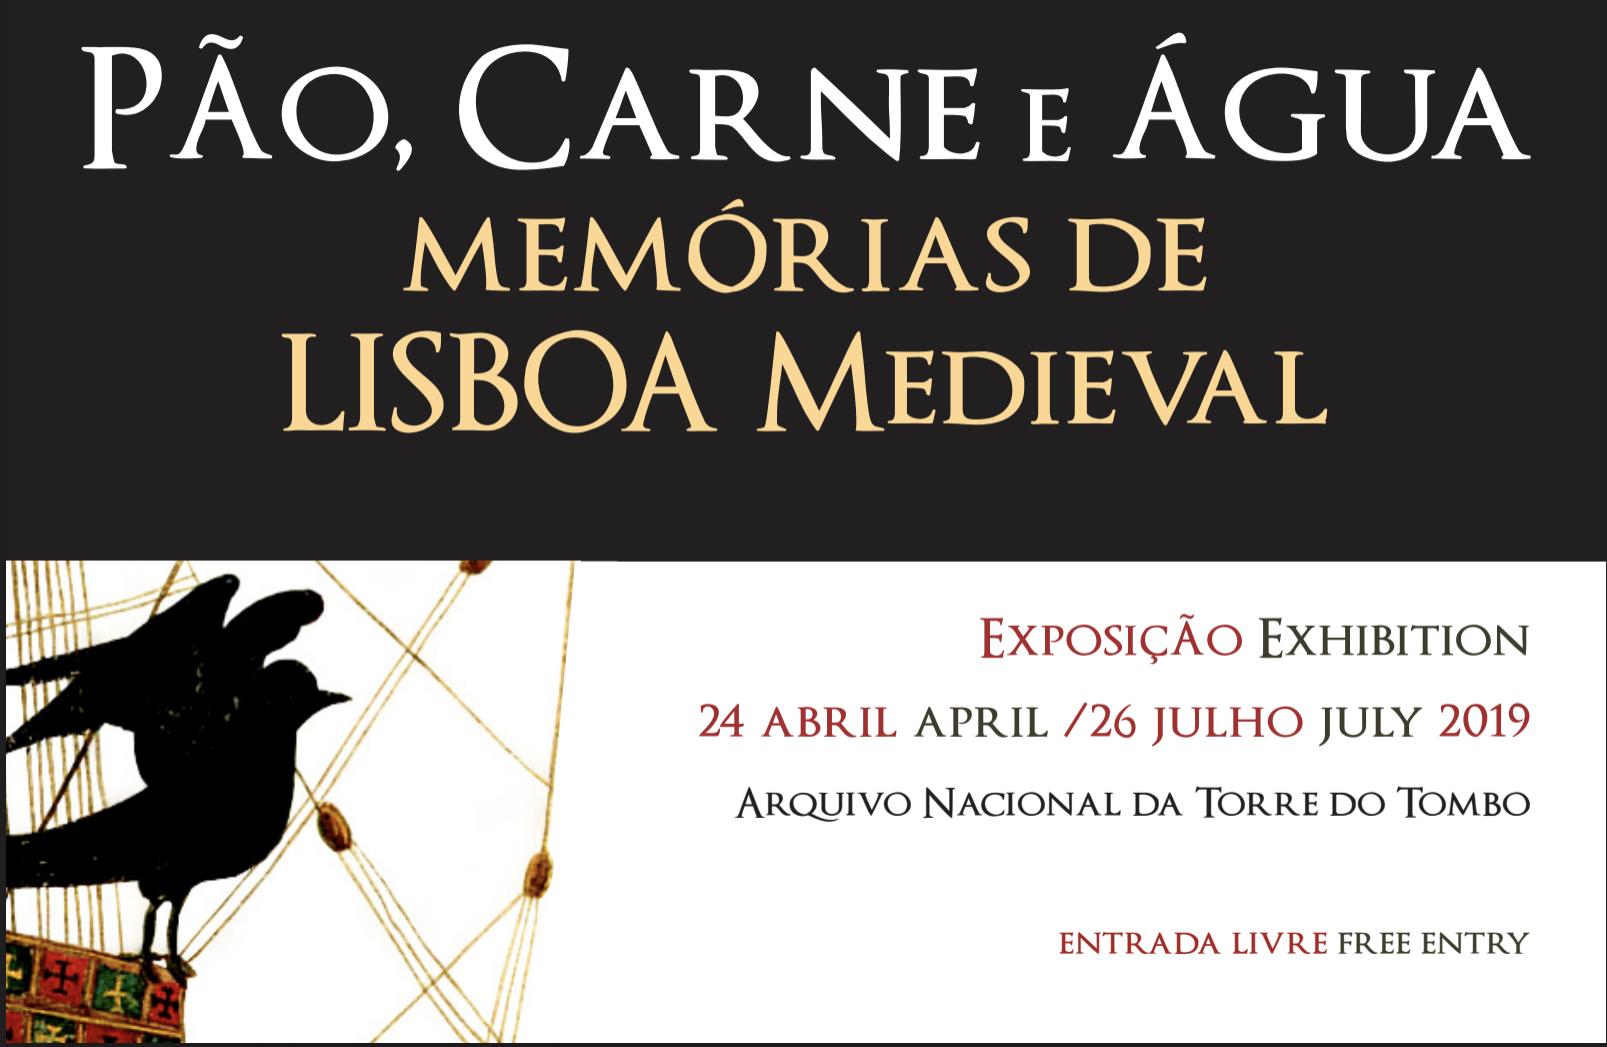 Exposição | Pão, Carne e Água: Memórias de Lisboa Medieval